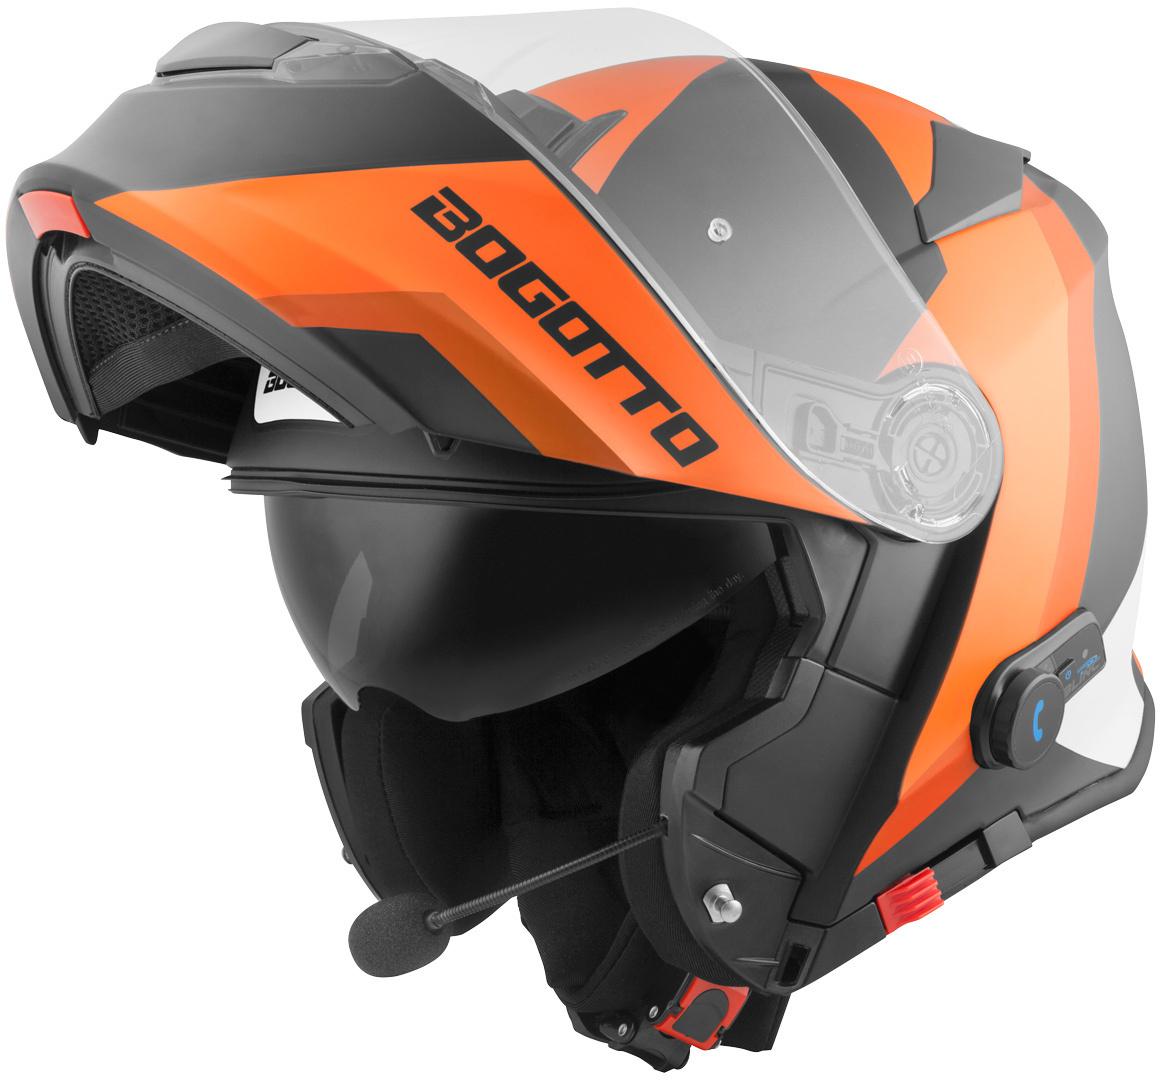 Bogotto V271 BT Zabu Bluetooth Klapphelm, schwarz-orange, Größe XS, schwarz-orange, Größe XS